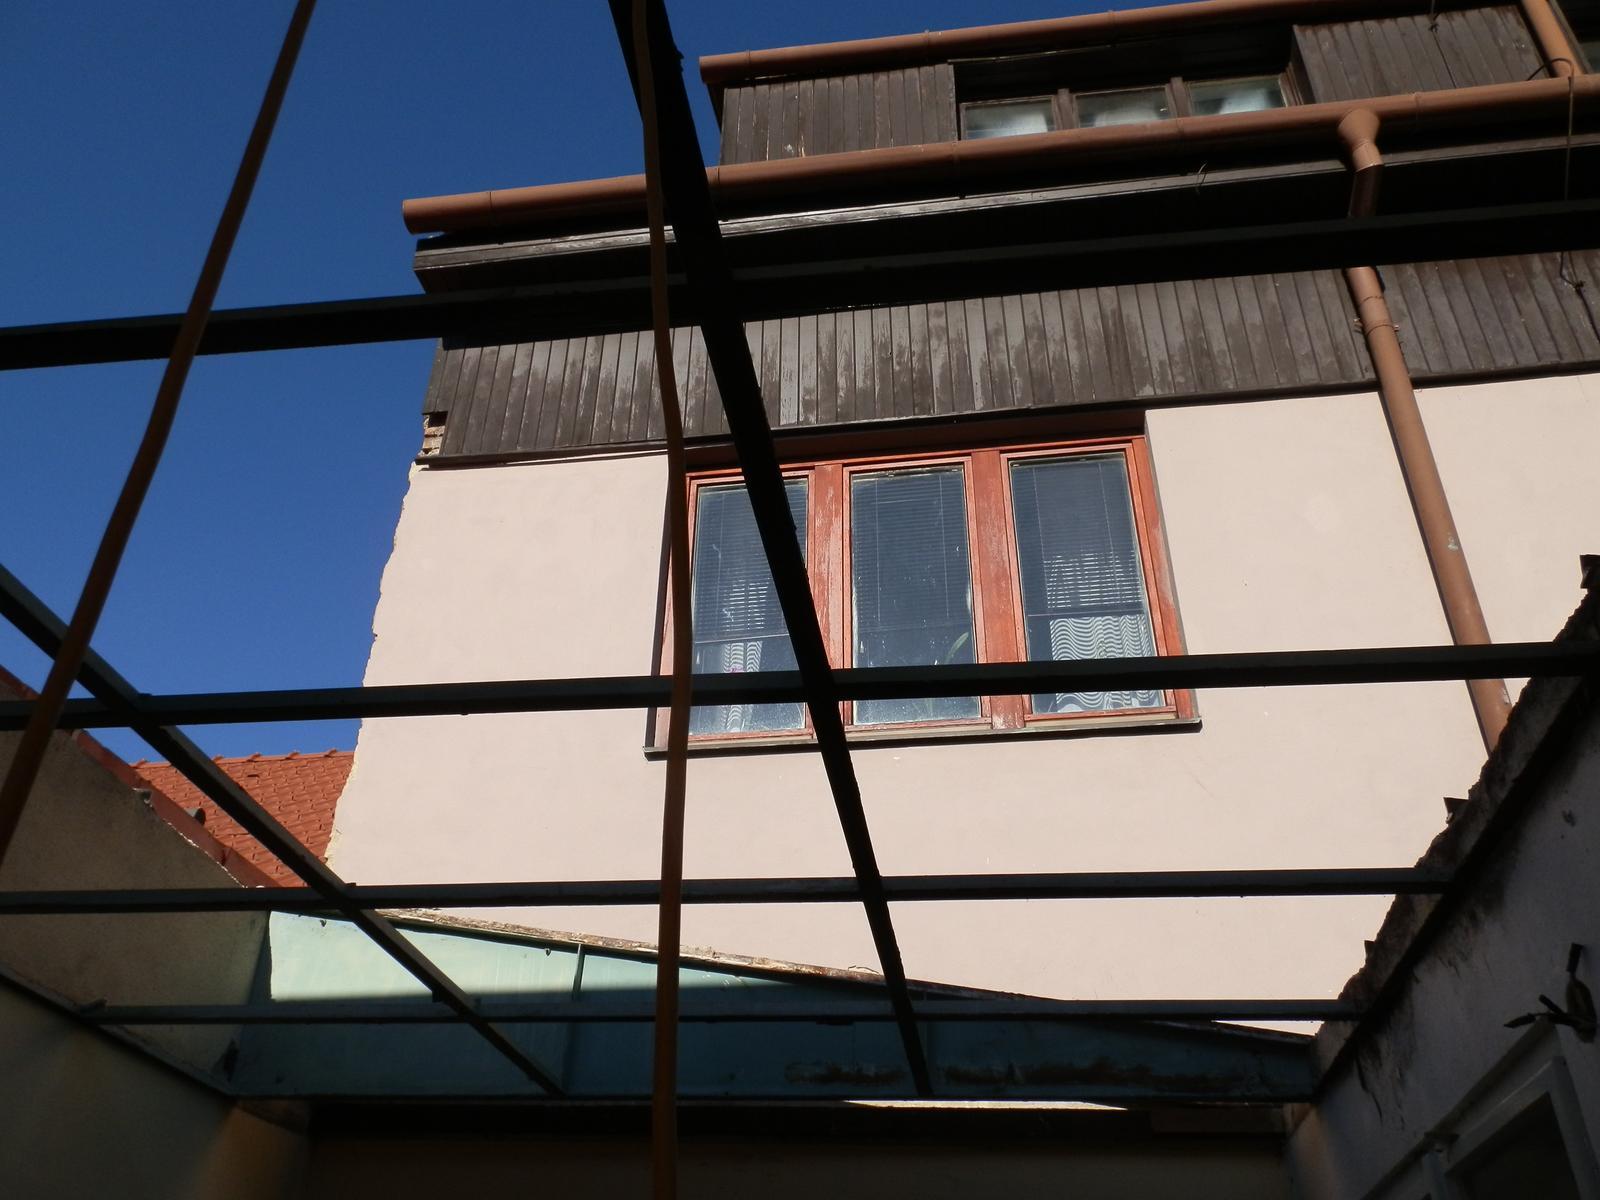 Náš byt v domě- rekonstrukce - Obrázek č. 58